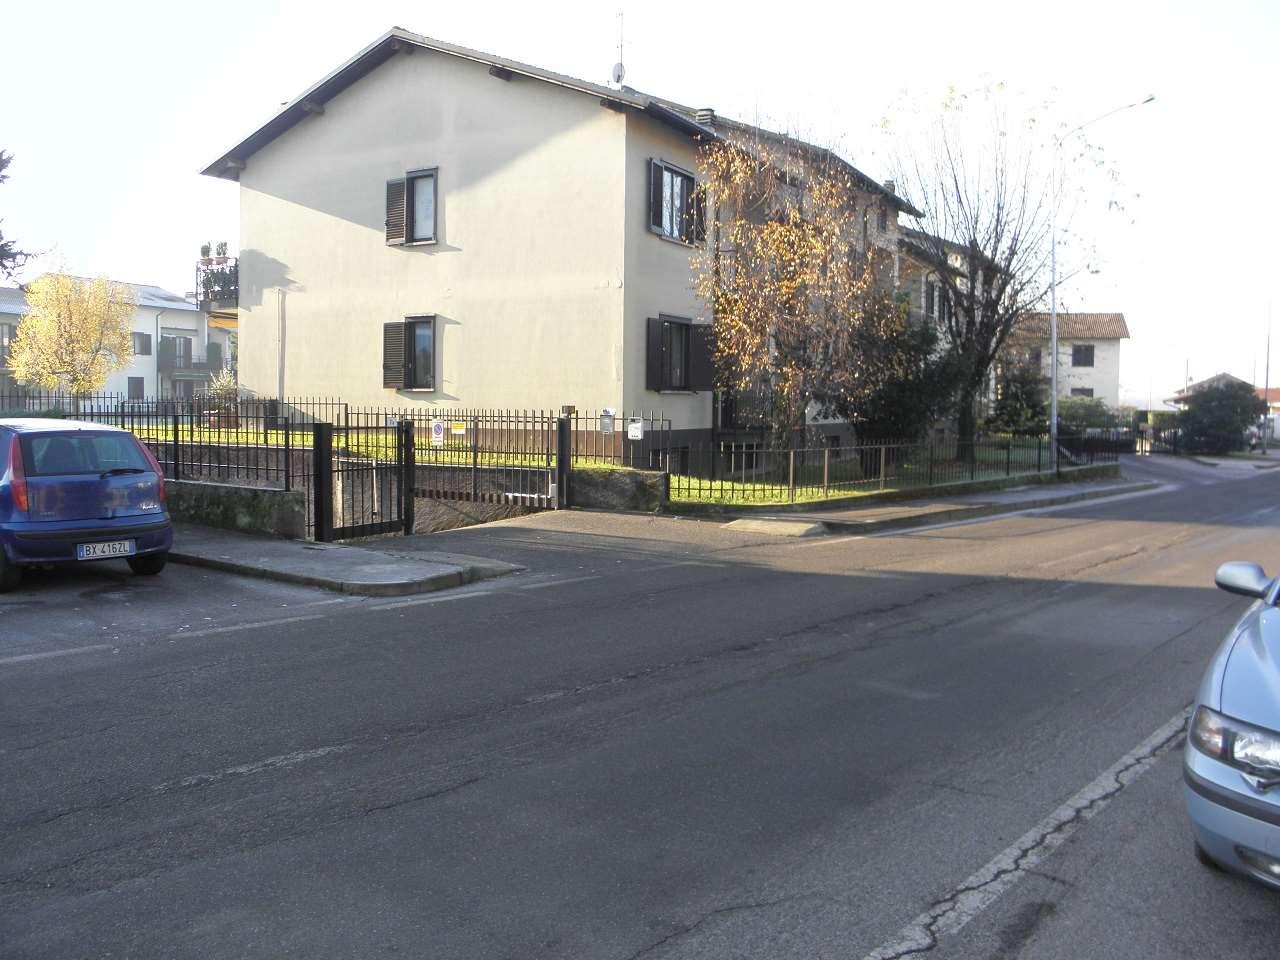 Magazzino in vendita a Capriate San Gervasio, 1 locali, prezzo € 63.000 | CambioCasa.it